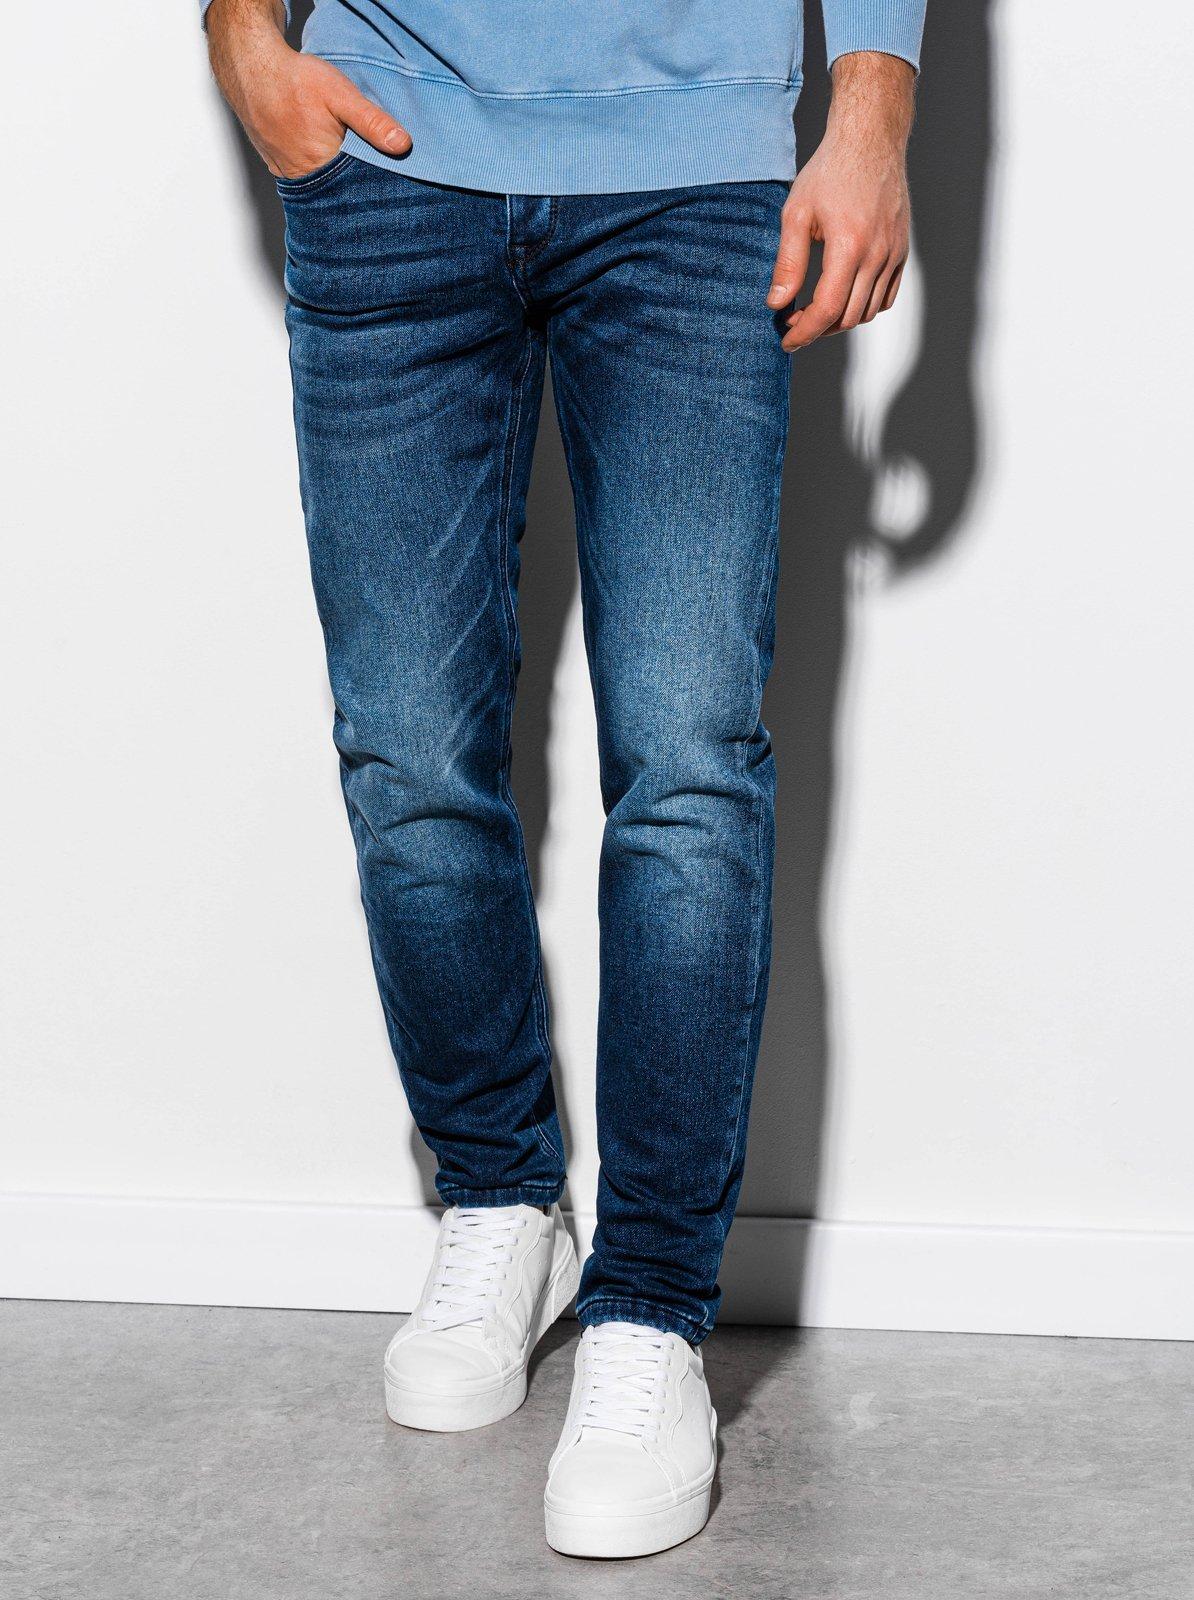 Spodnie męskie jeansowe P864 - niebieskie